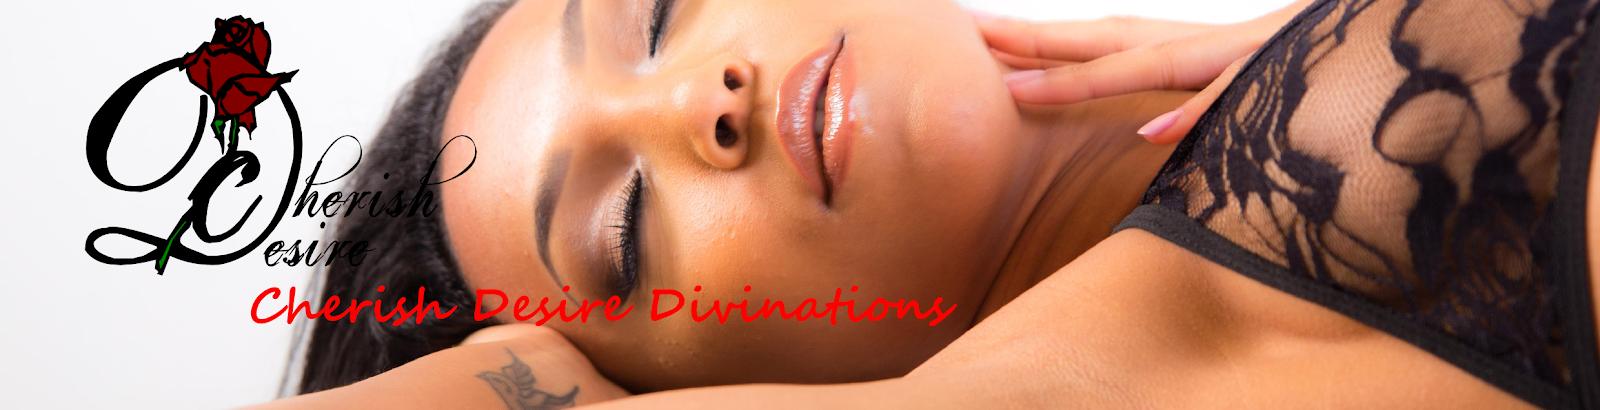 Cherish Desire Divinations, Max D, erotica